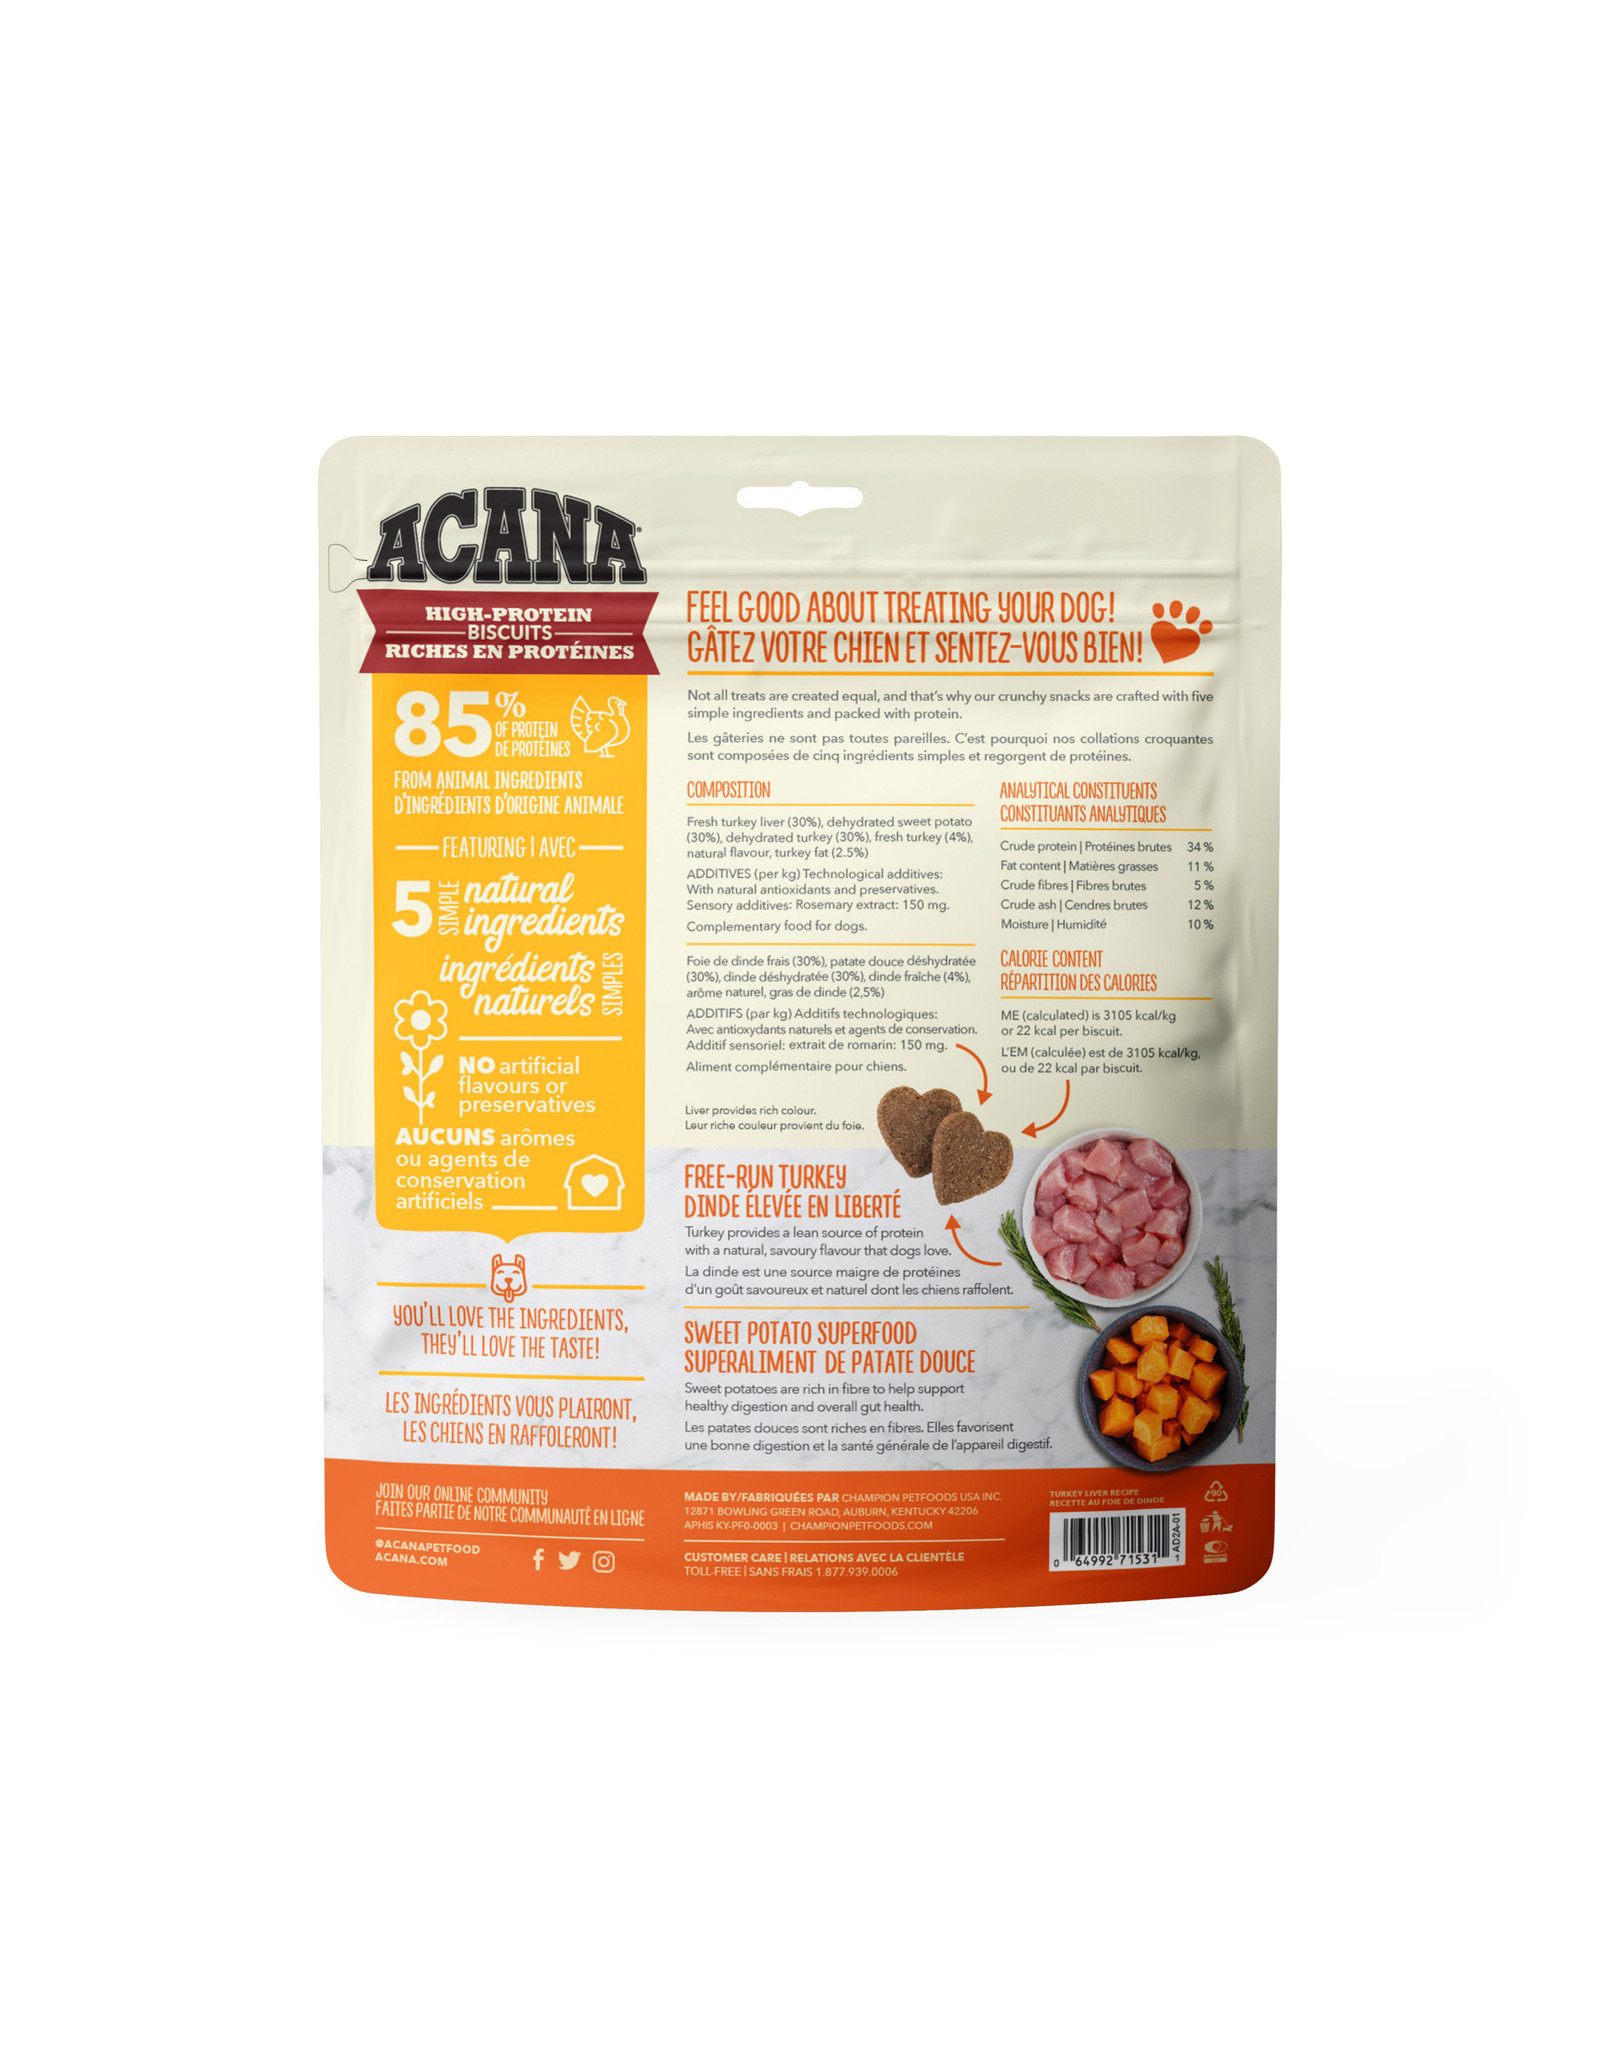 ACANA ACANA High-Protein Biscuits Crunchy Turkey Liver